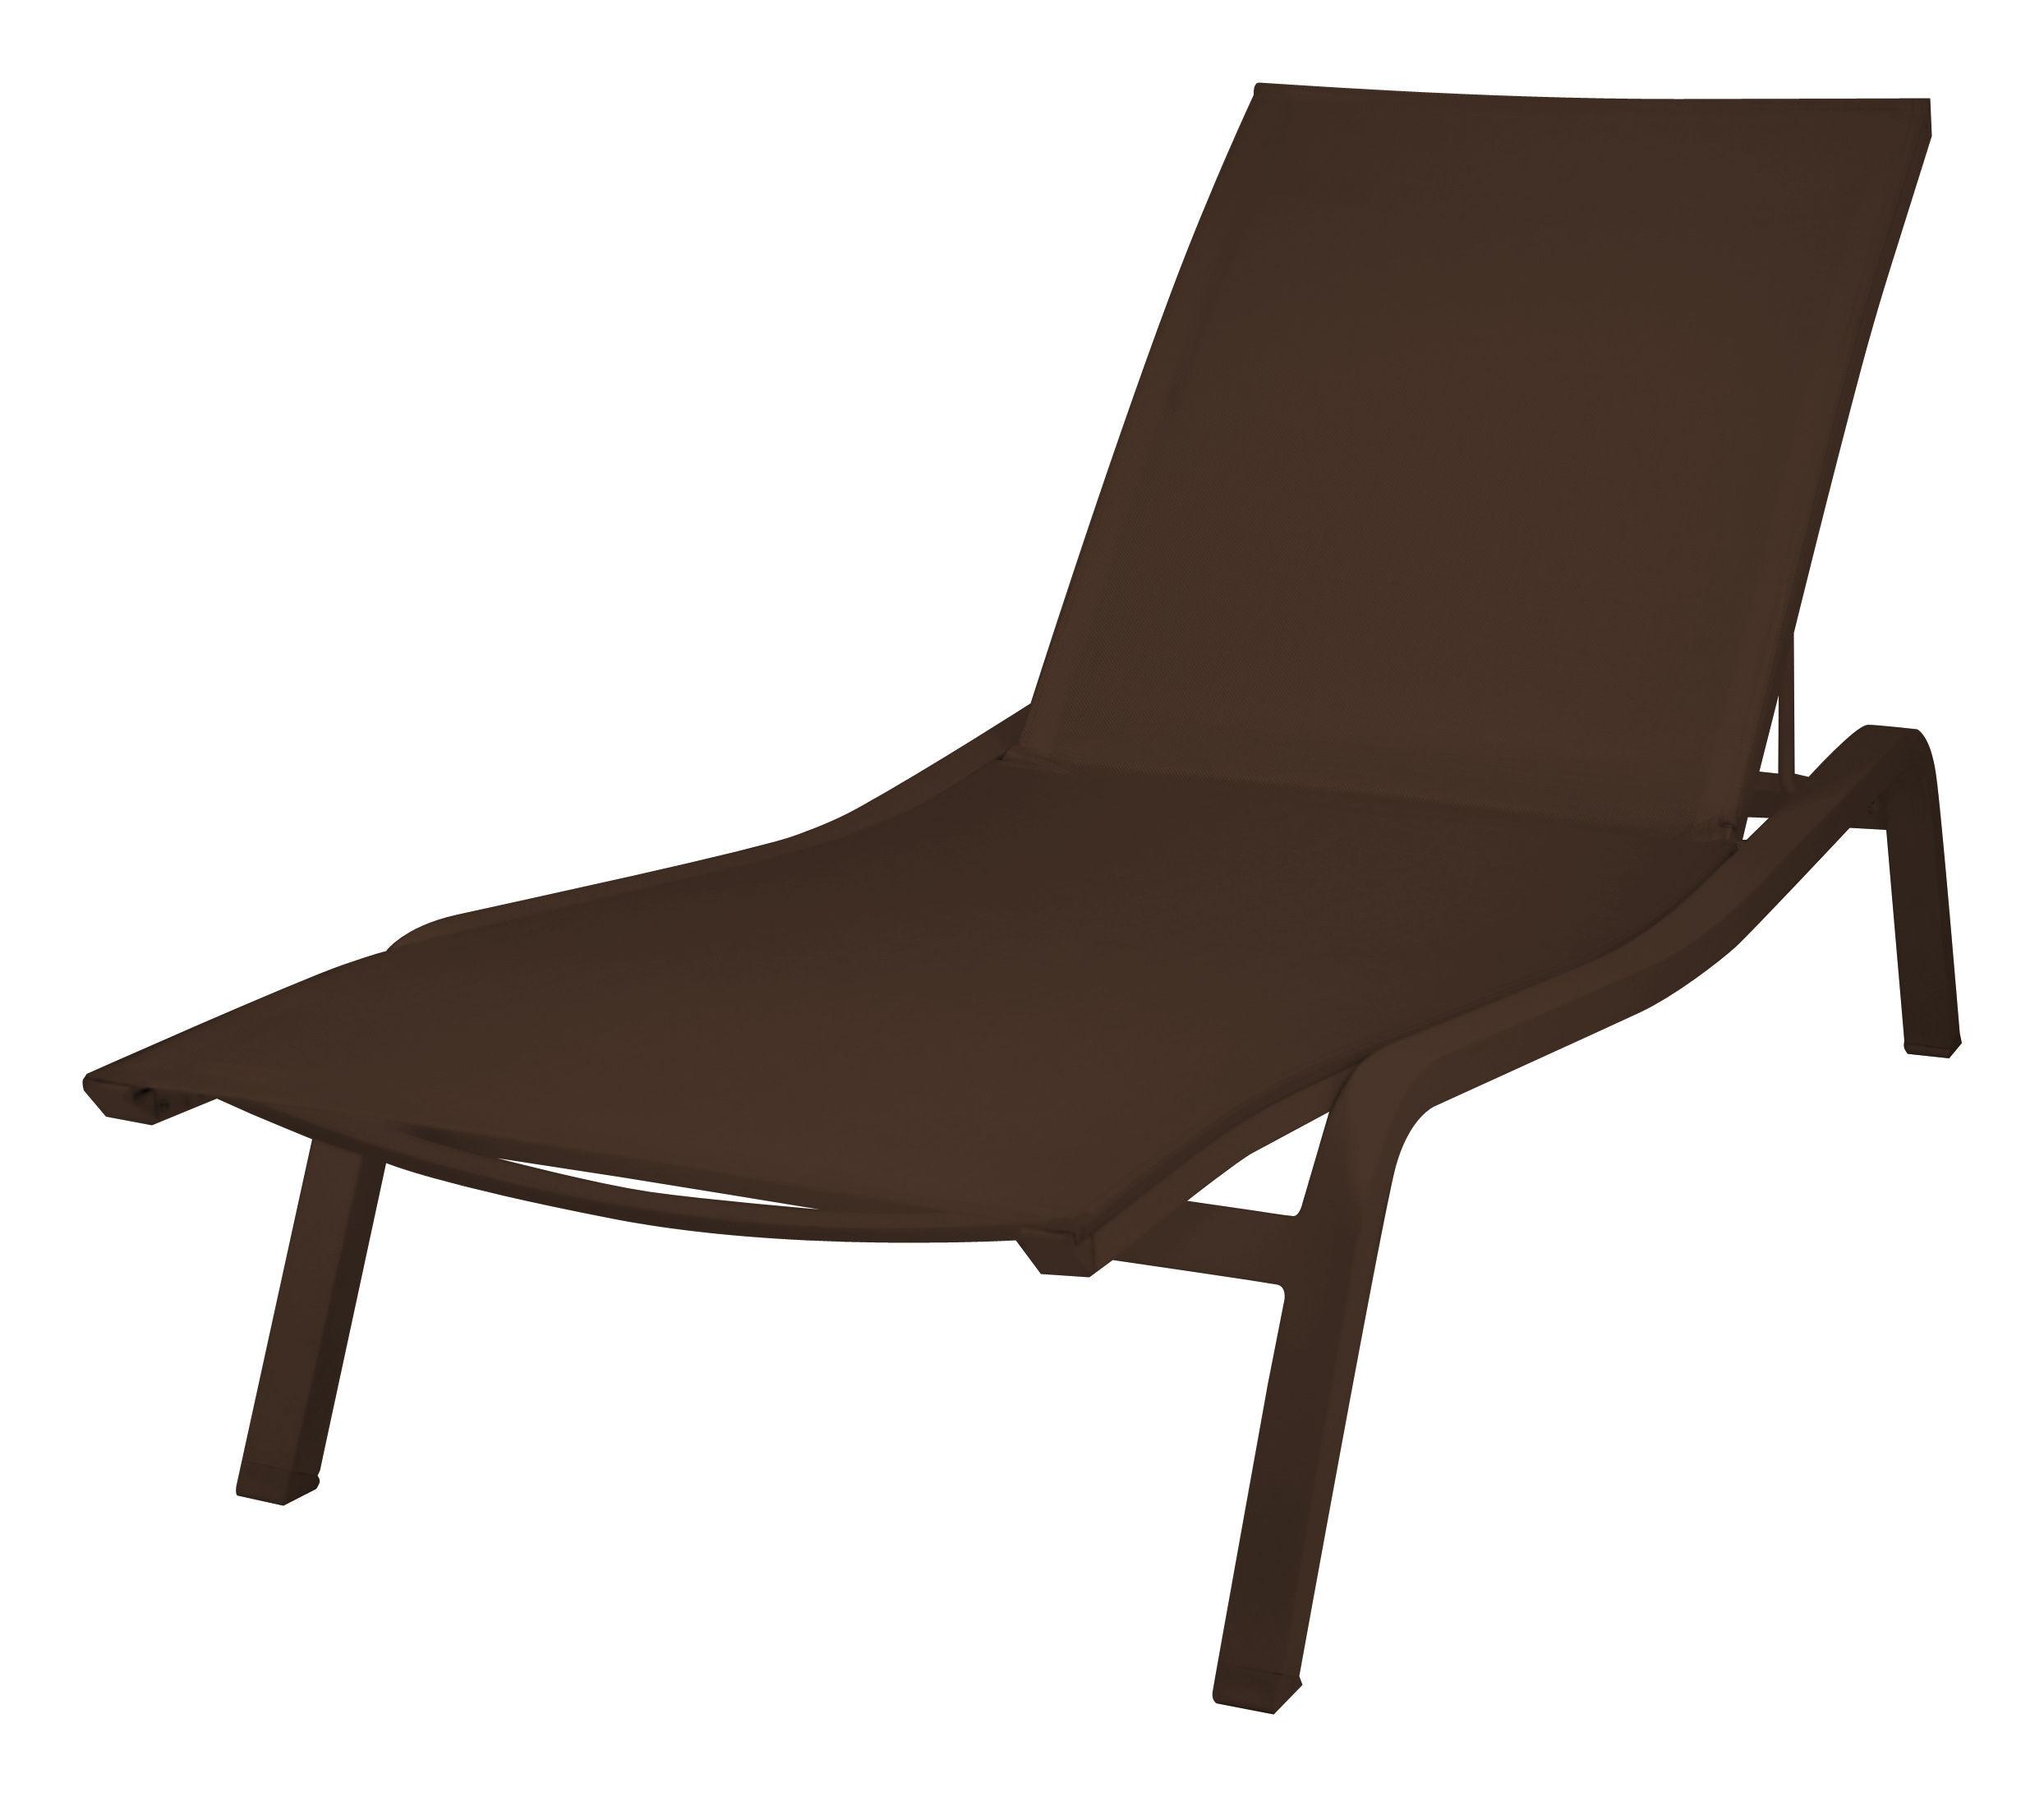 Jardin - Chaises longues et hamacs - Bain de soleil Alizé XS larg 72 cm / 3 positions - Fermob - Rouille - Aluminium laqué, Toile polyester